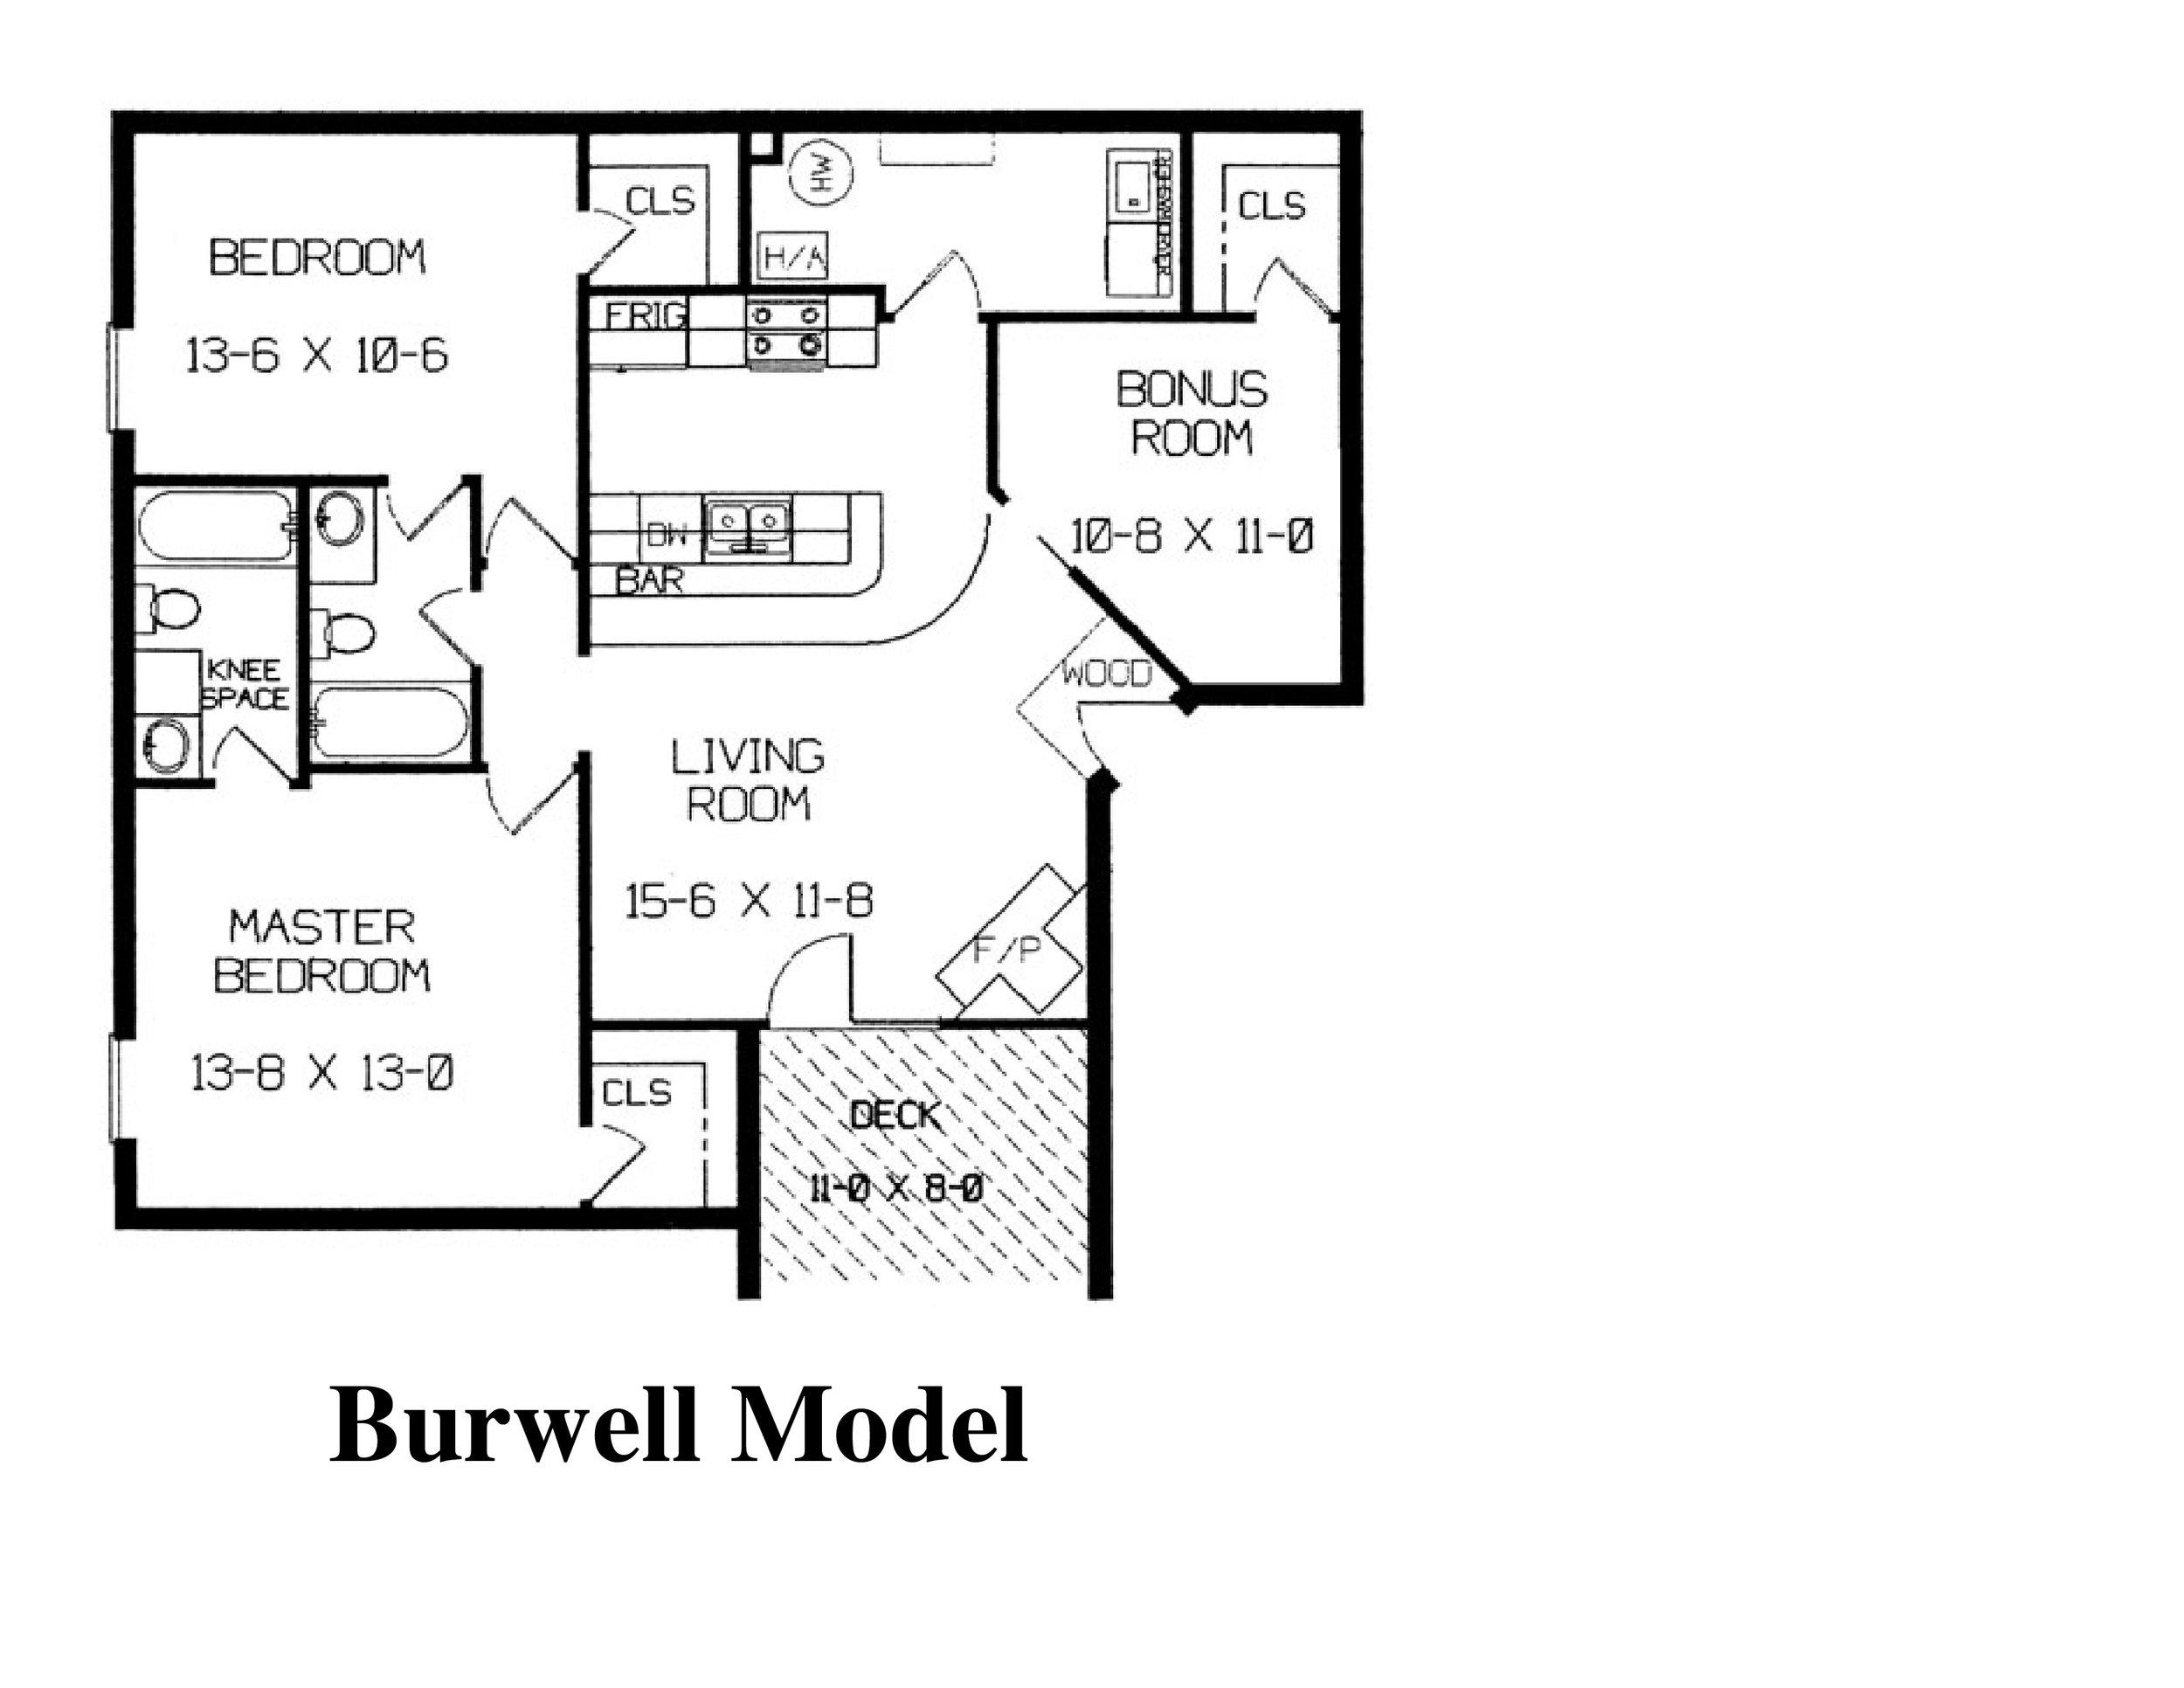 Burwell Floorplan edited.jpg